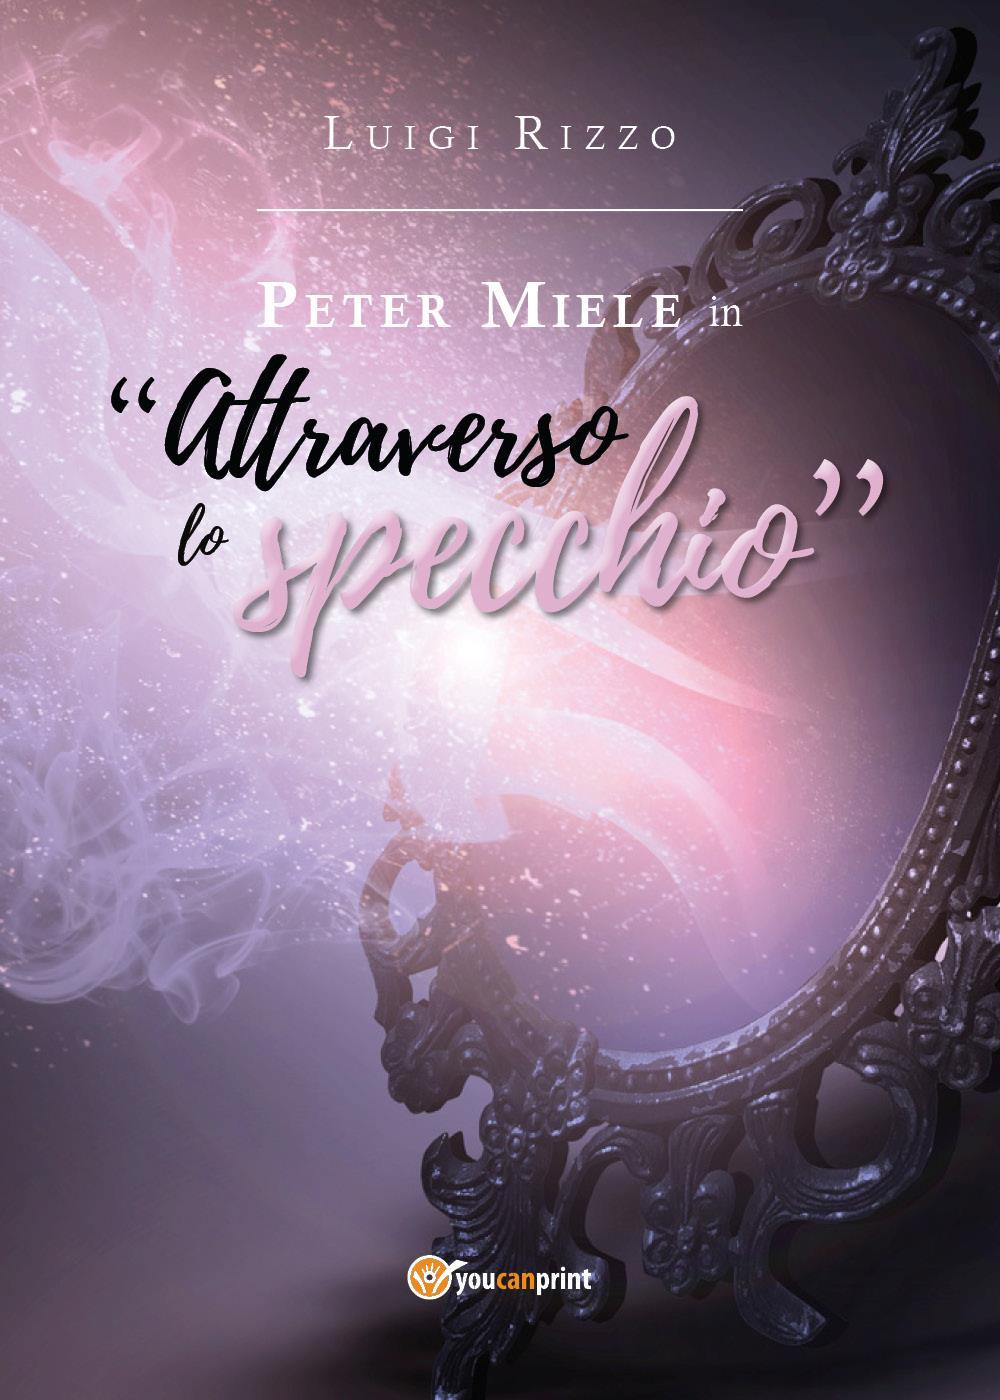 """Peter Miele in """"Attraverso lo specchio"""""""